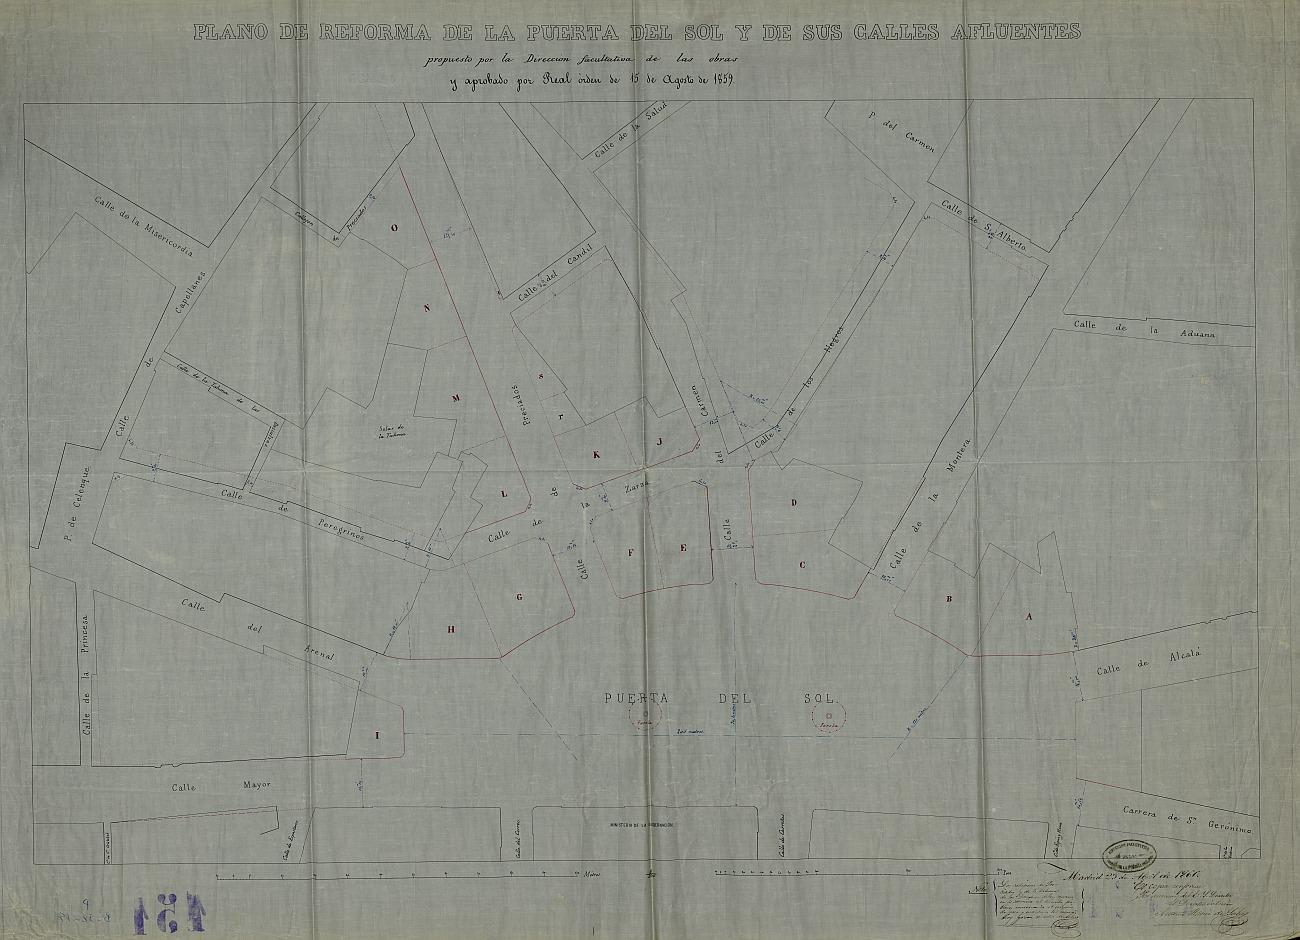 Plano de reforma de la Puerta del Sol y sus calles afluentes propuesto por la Dirección facultativa de las obras y aprobado por Real Orden de 15 de agosto de 1859